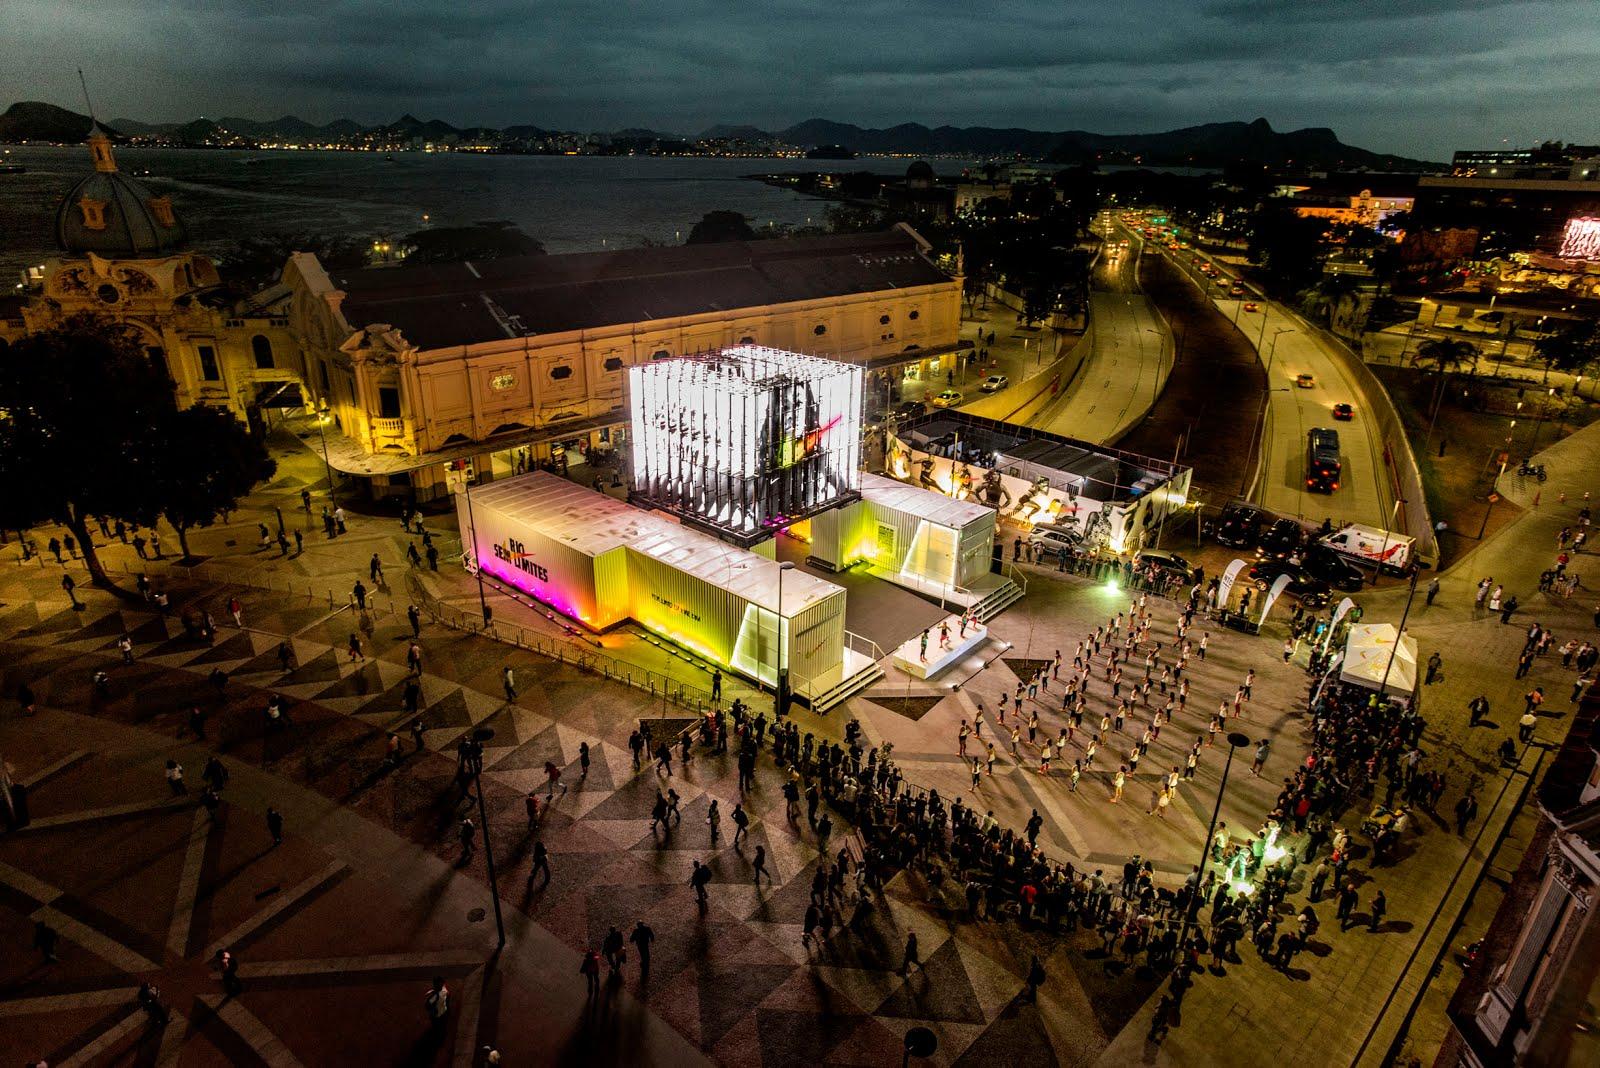 8f1a72507 RIO SEM LIMITES Quem visitar o local poderá conhecer de perto as maiores  inovações de tecnologia e design dos calçados usados pelos melhores atletas  do ...